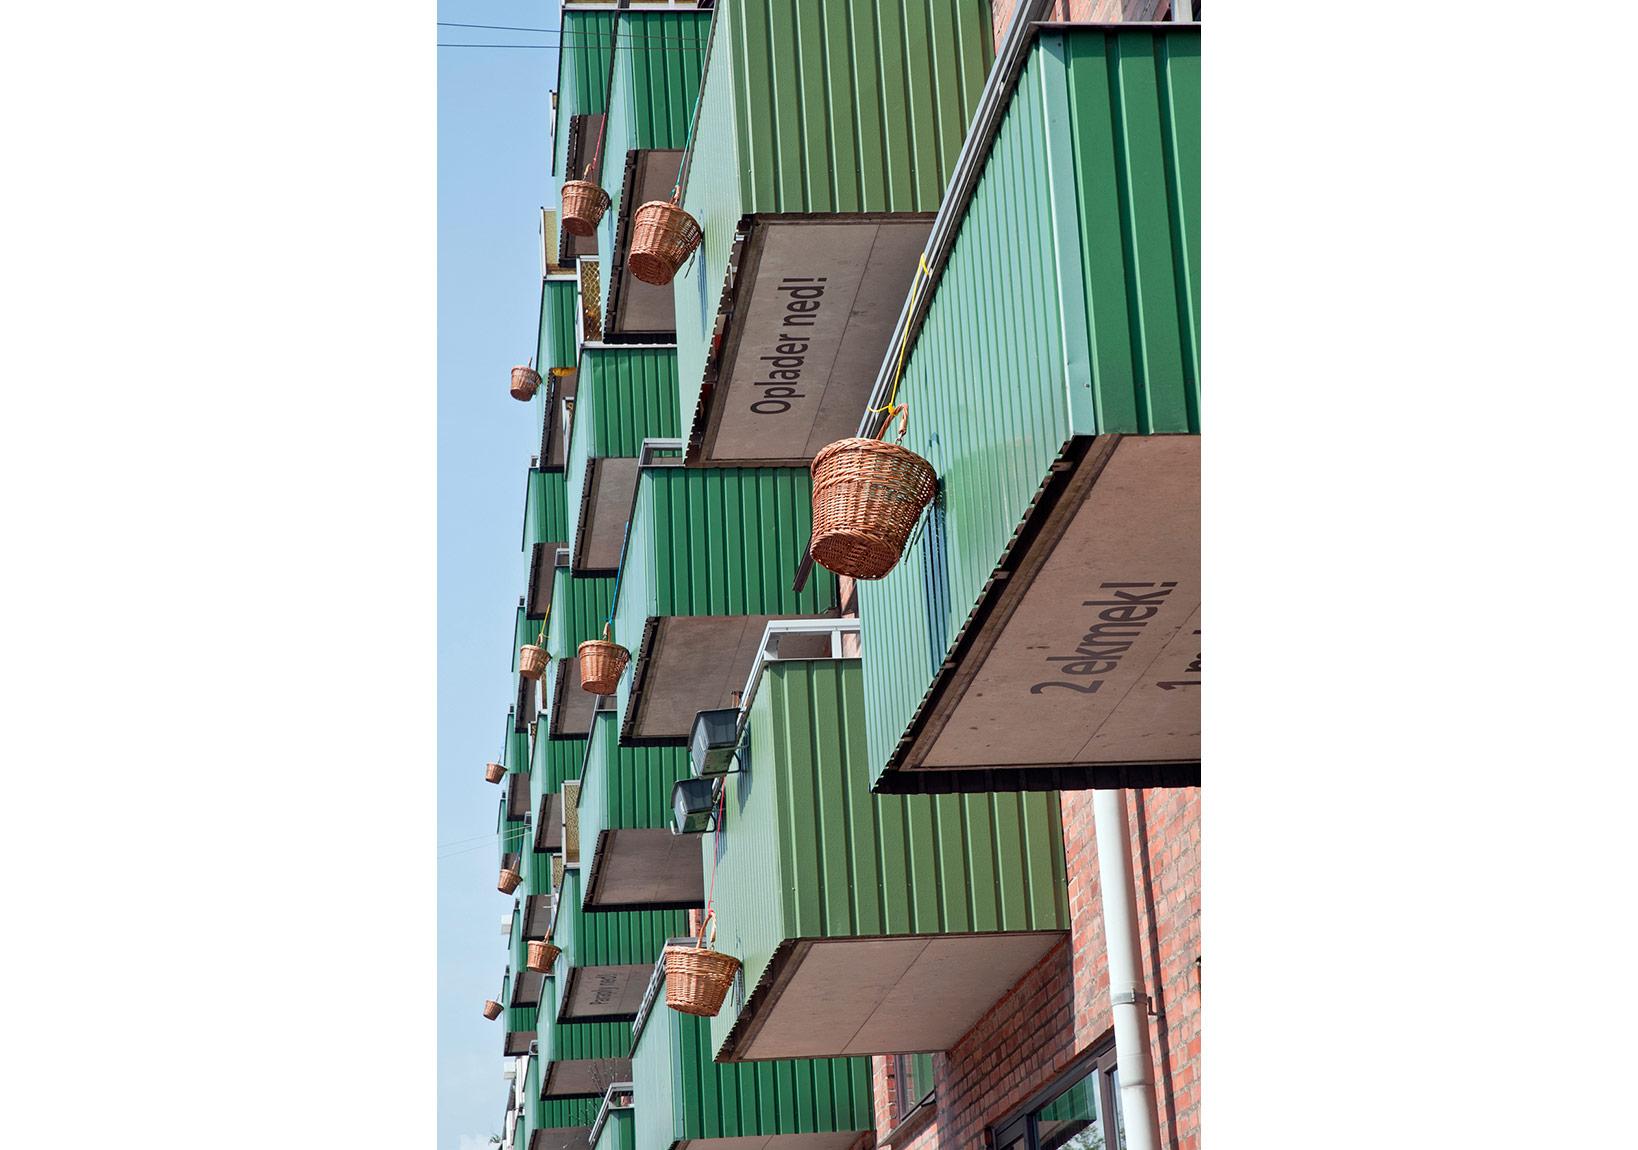 Didem Özbek, Oppe Nede,Yerleştirmeden detay, 2011, Lokal Global Plan, Kopenhag.